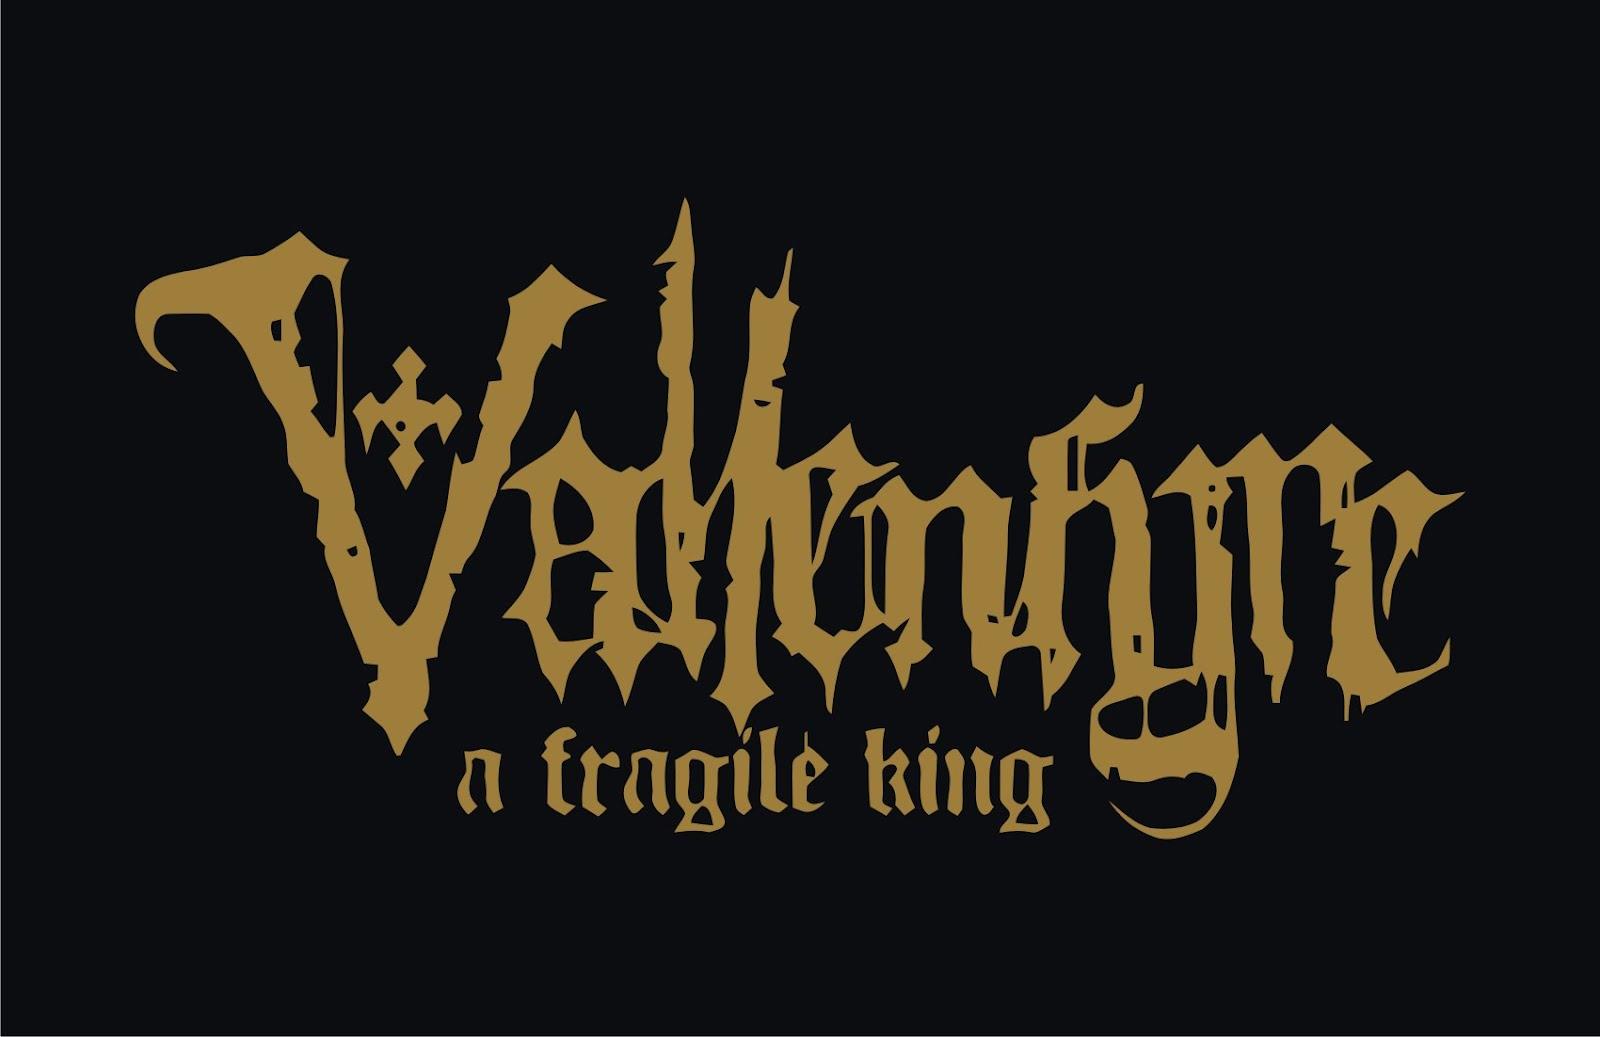 vallenfyre-a_fragile_king_front_vector